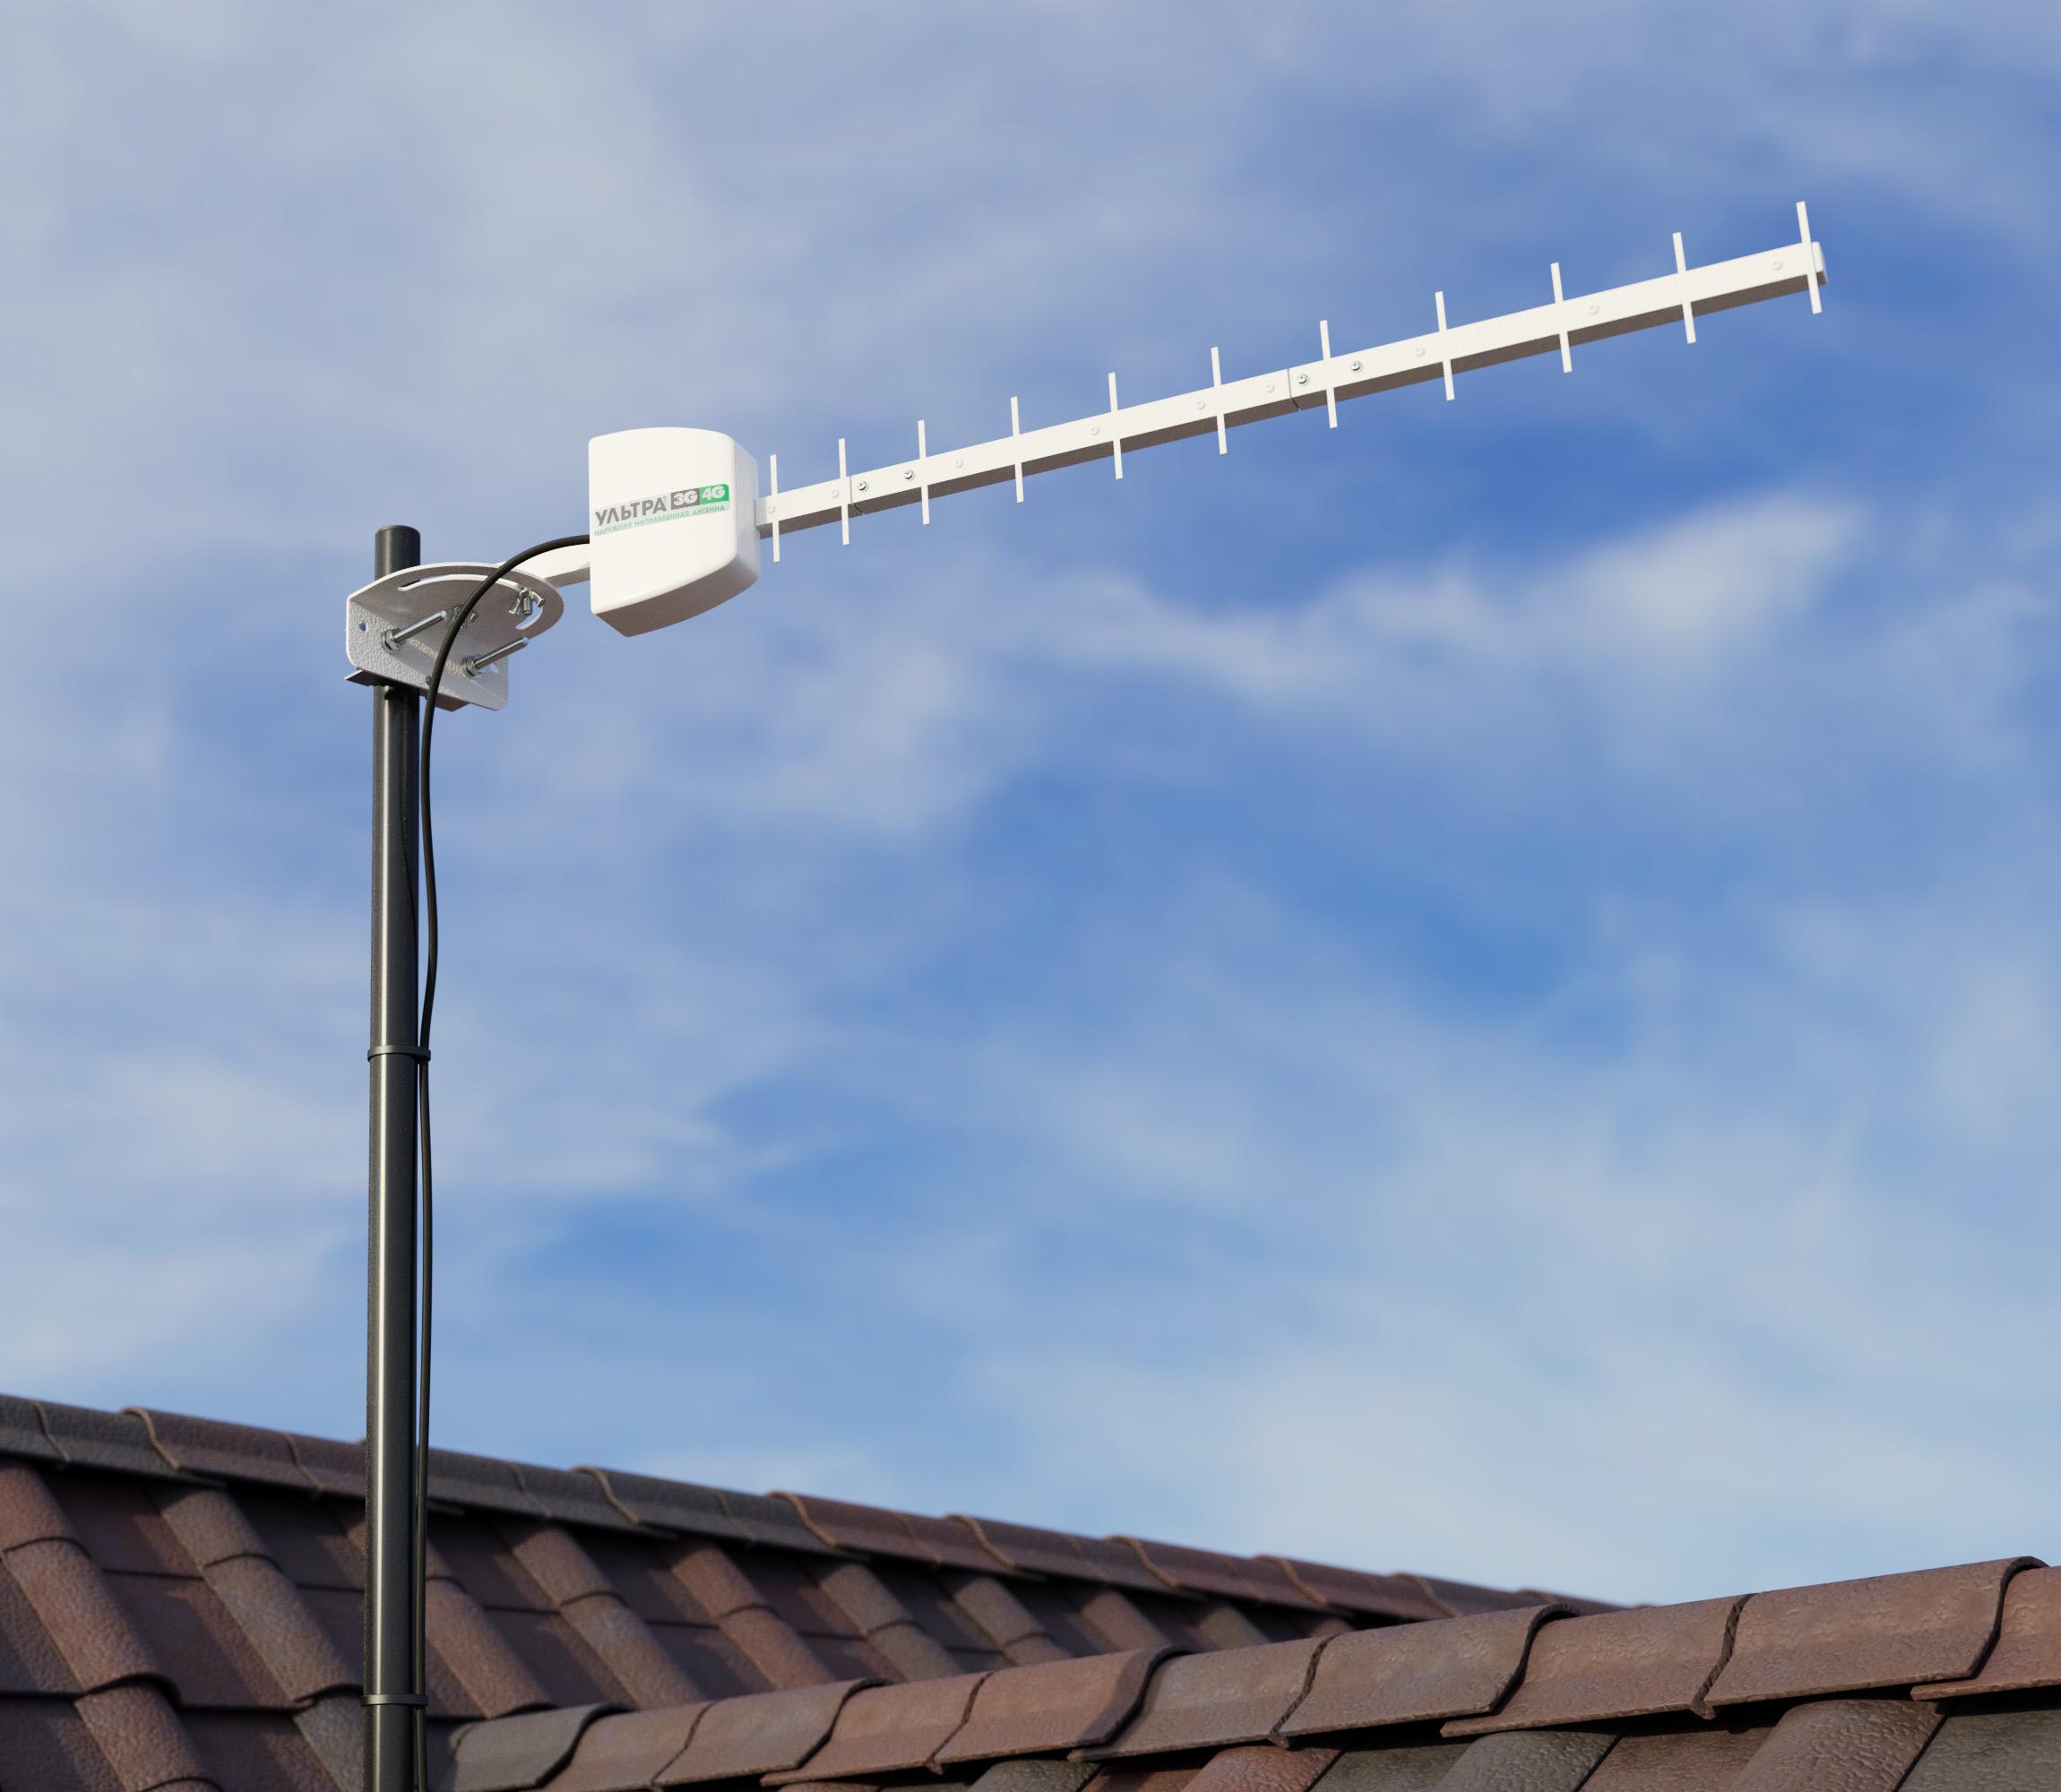 CAO BAS-2303 Ultra 3G4G - On House 0001@